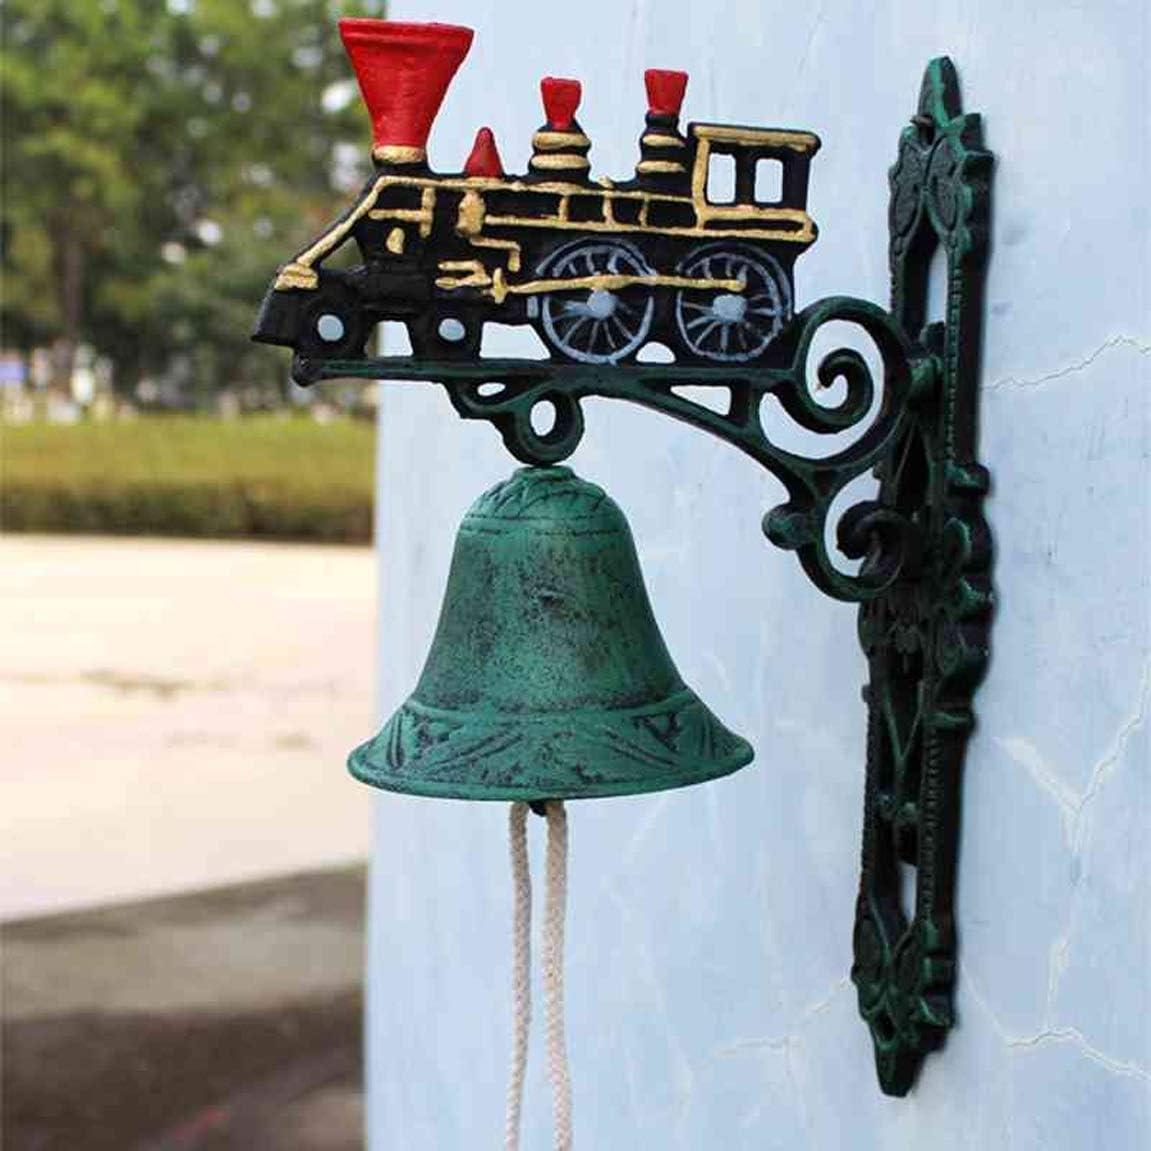 Timbre De Tren Antiguo, Campana De Hierro Fundido De Lados Retro Campanas De Campana De Mano Campanas De Campana De 20.8X11.5X30.3Cm Timbre Retro